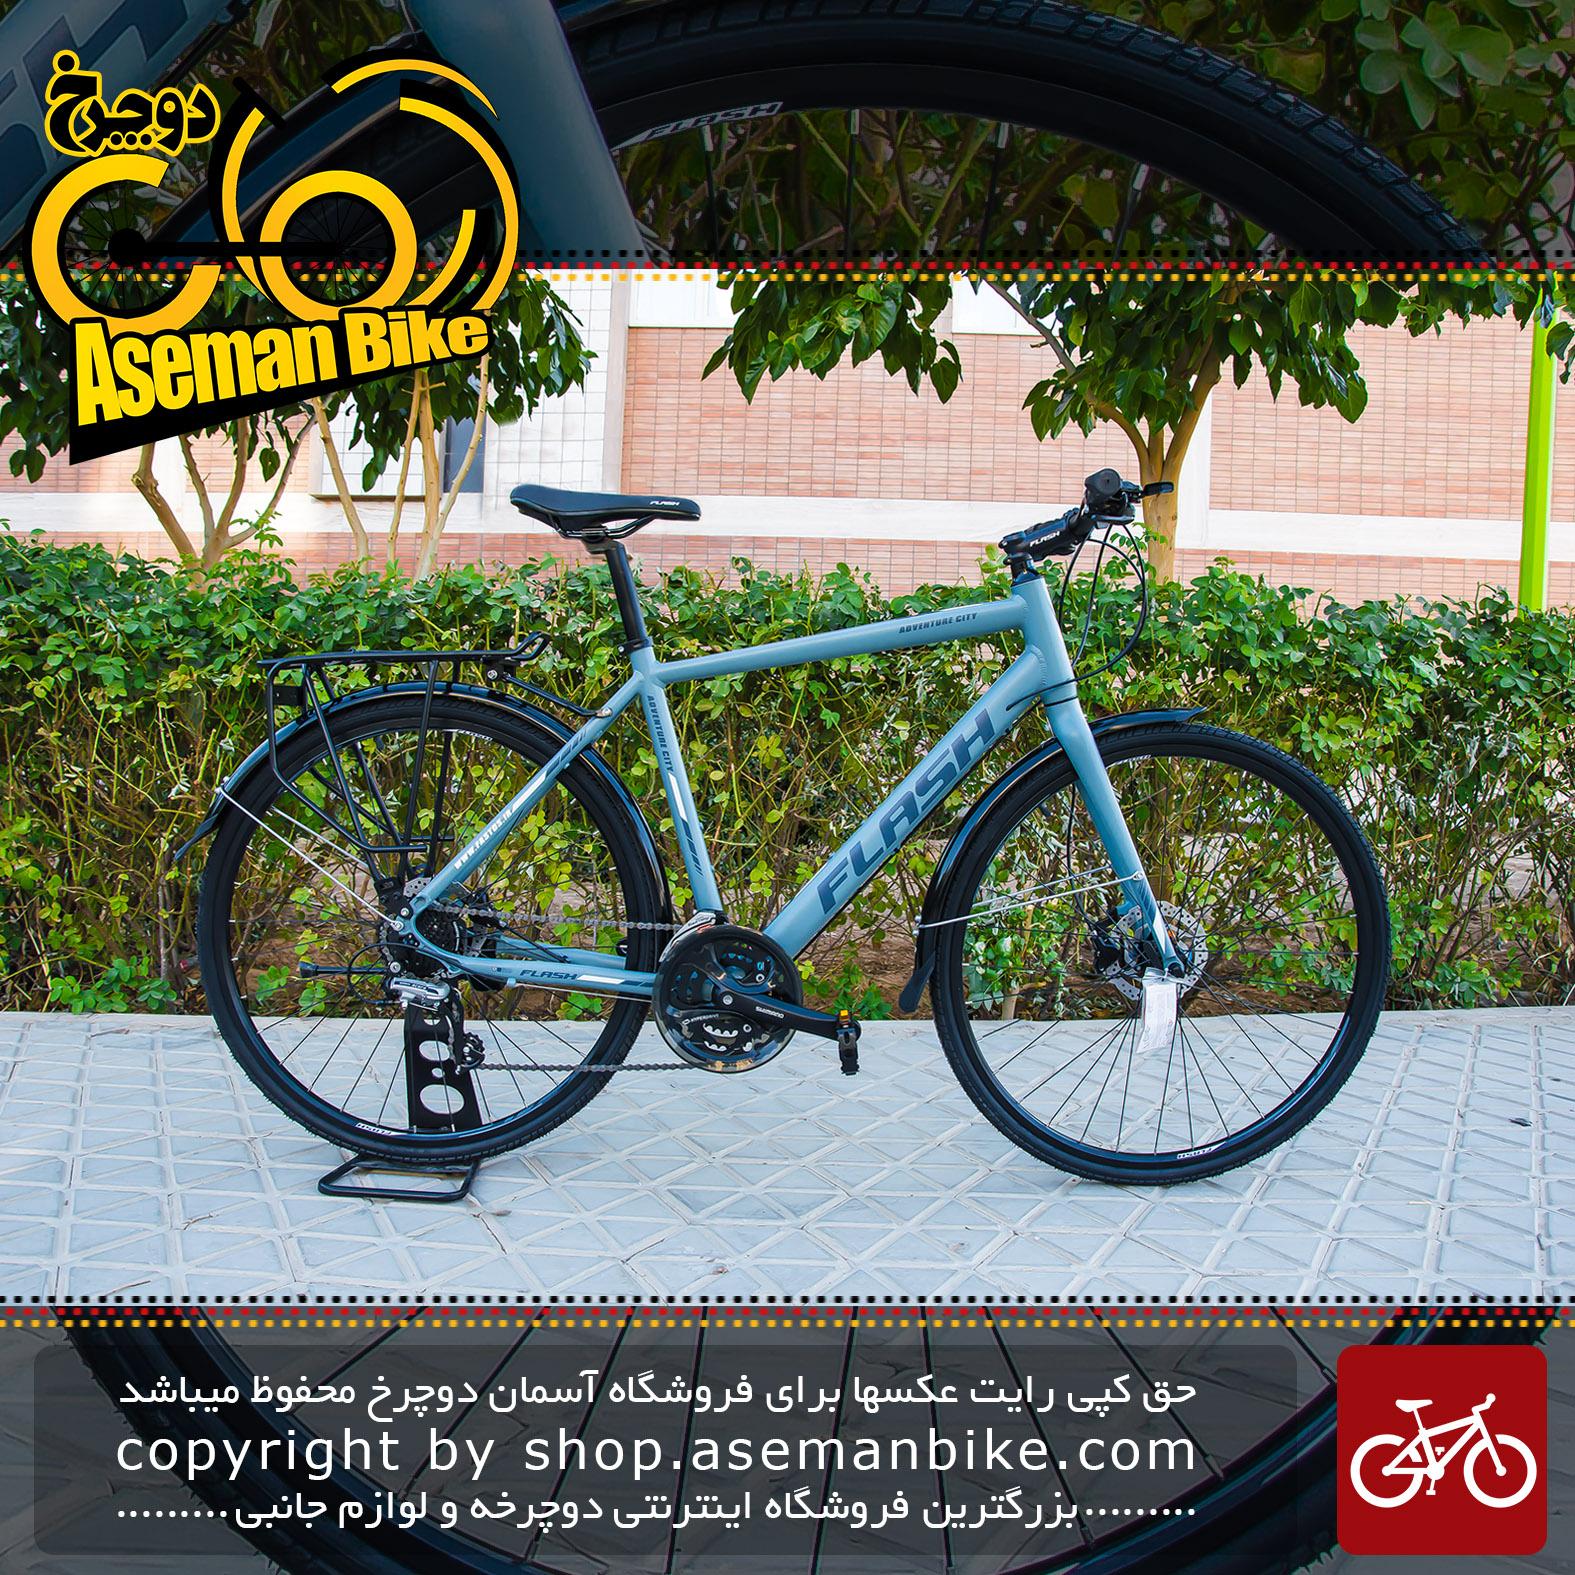 دوچرخه توريستي فلش مدل ادنوچر سيتي 700 سي 2017 Flash Tourism Bicycle Adventure City 700C 2017